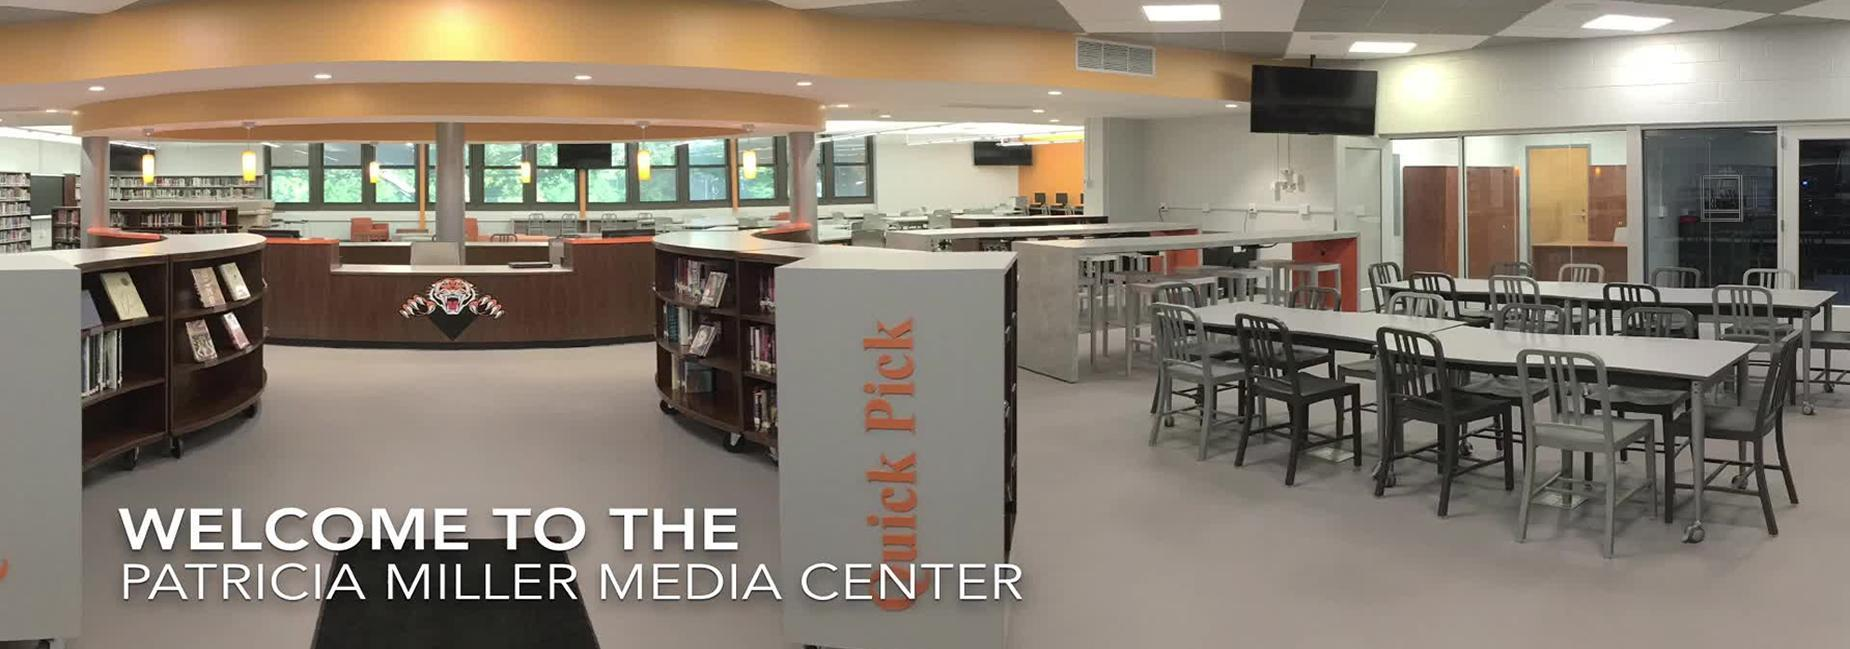 Pat Miller Media Center